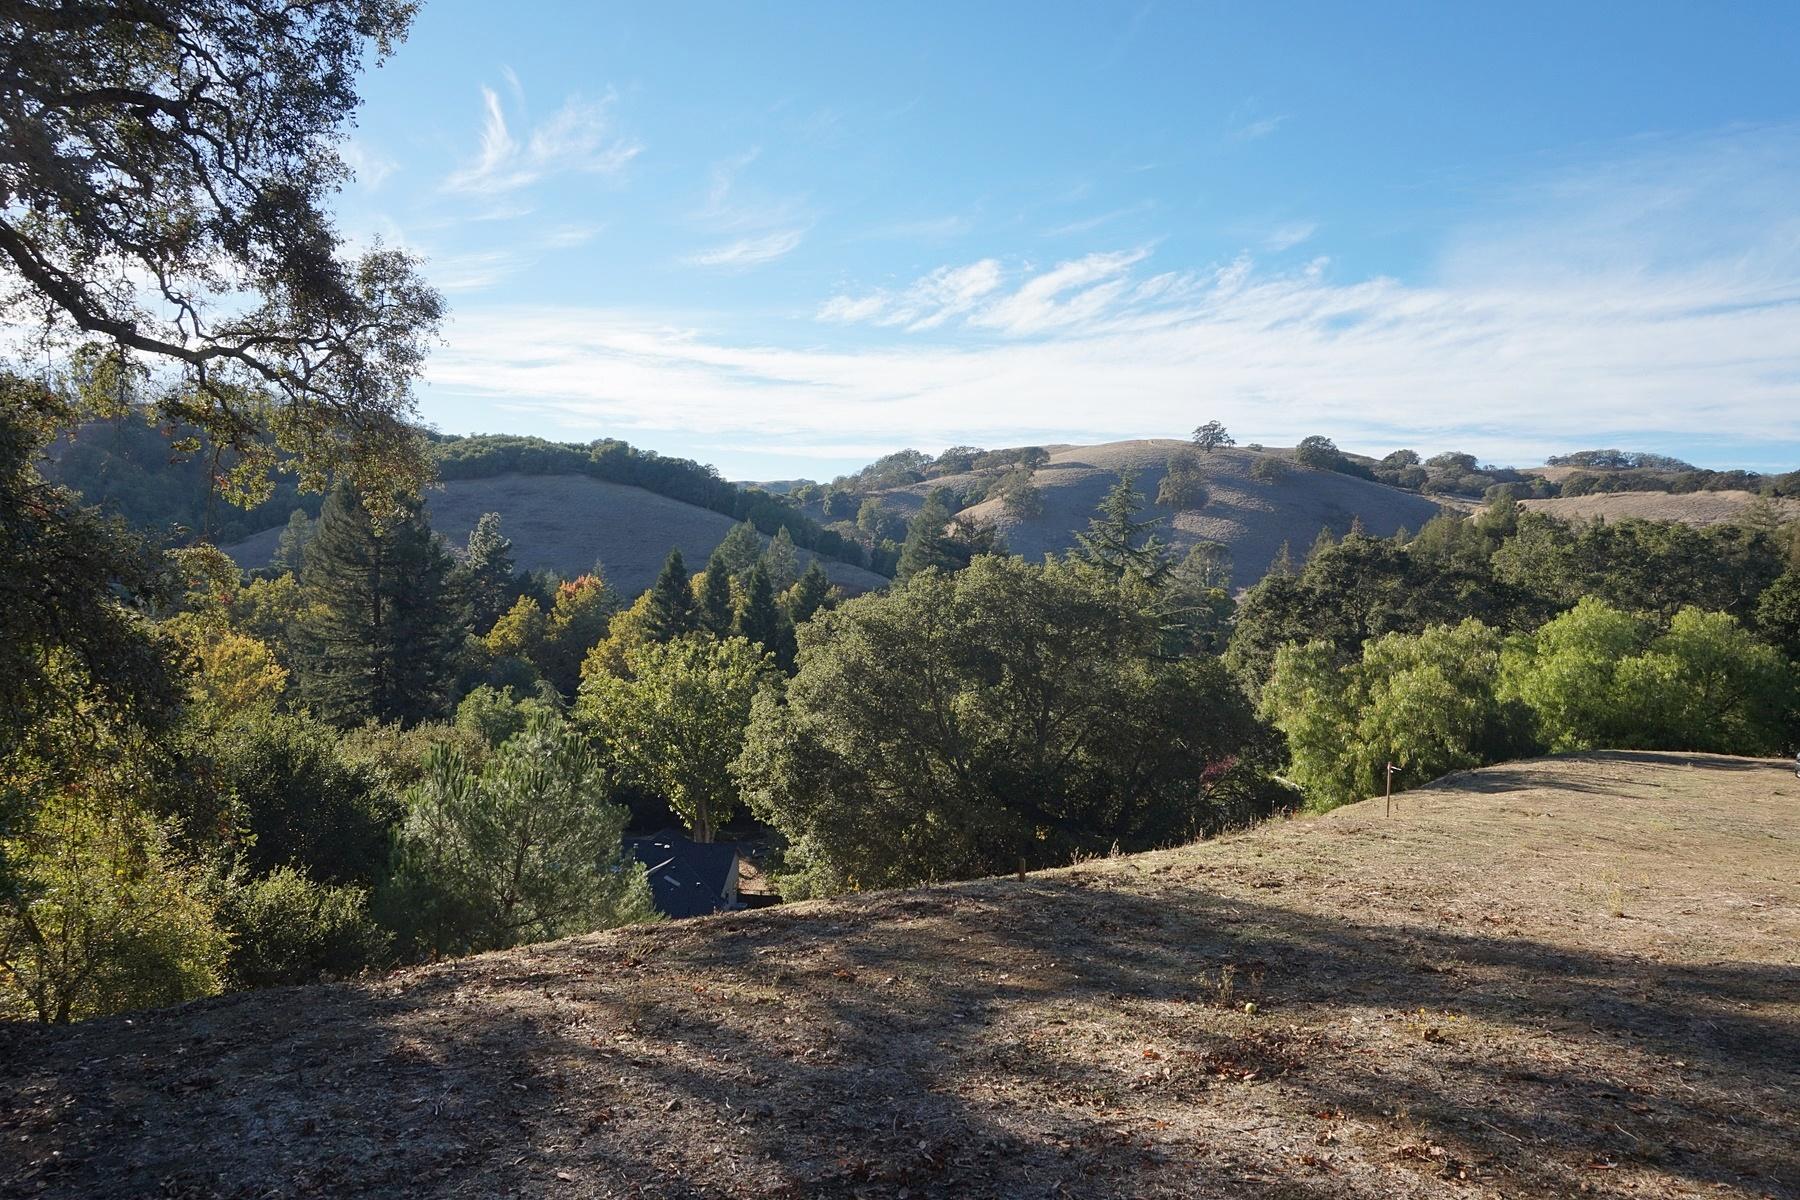 Земля для того Продажа на Private Lot With Whimsical Views 0 Wanda Way Martinez, Калифорния 94553 Соединенные Штаты